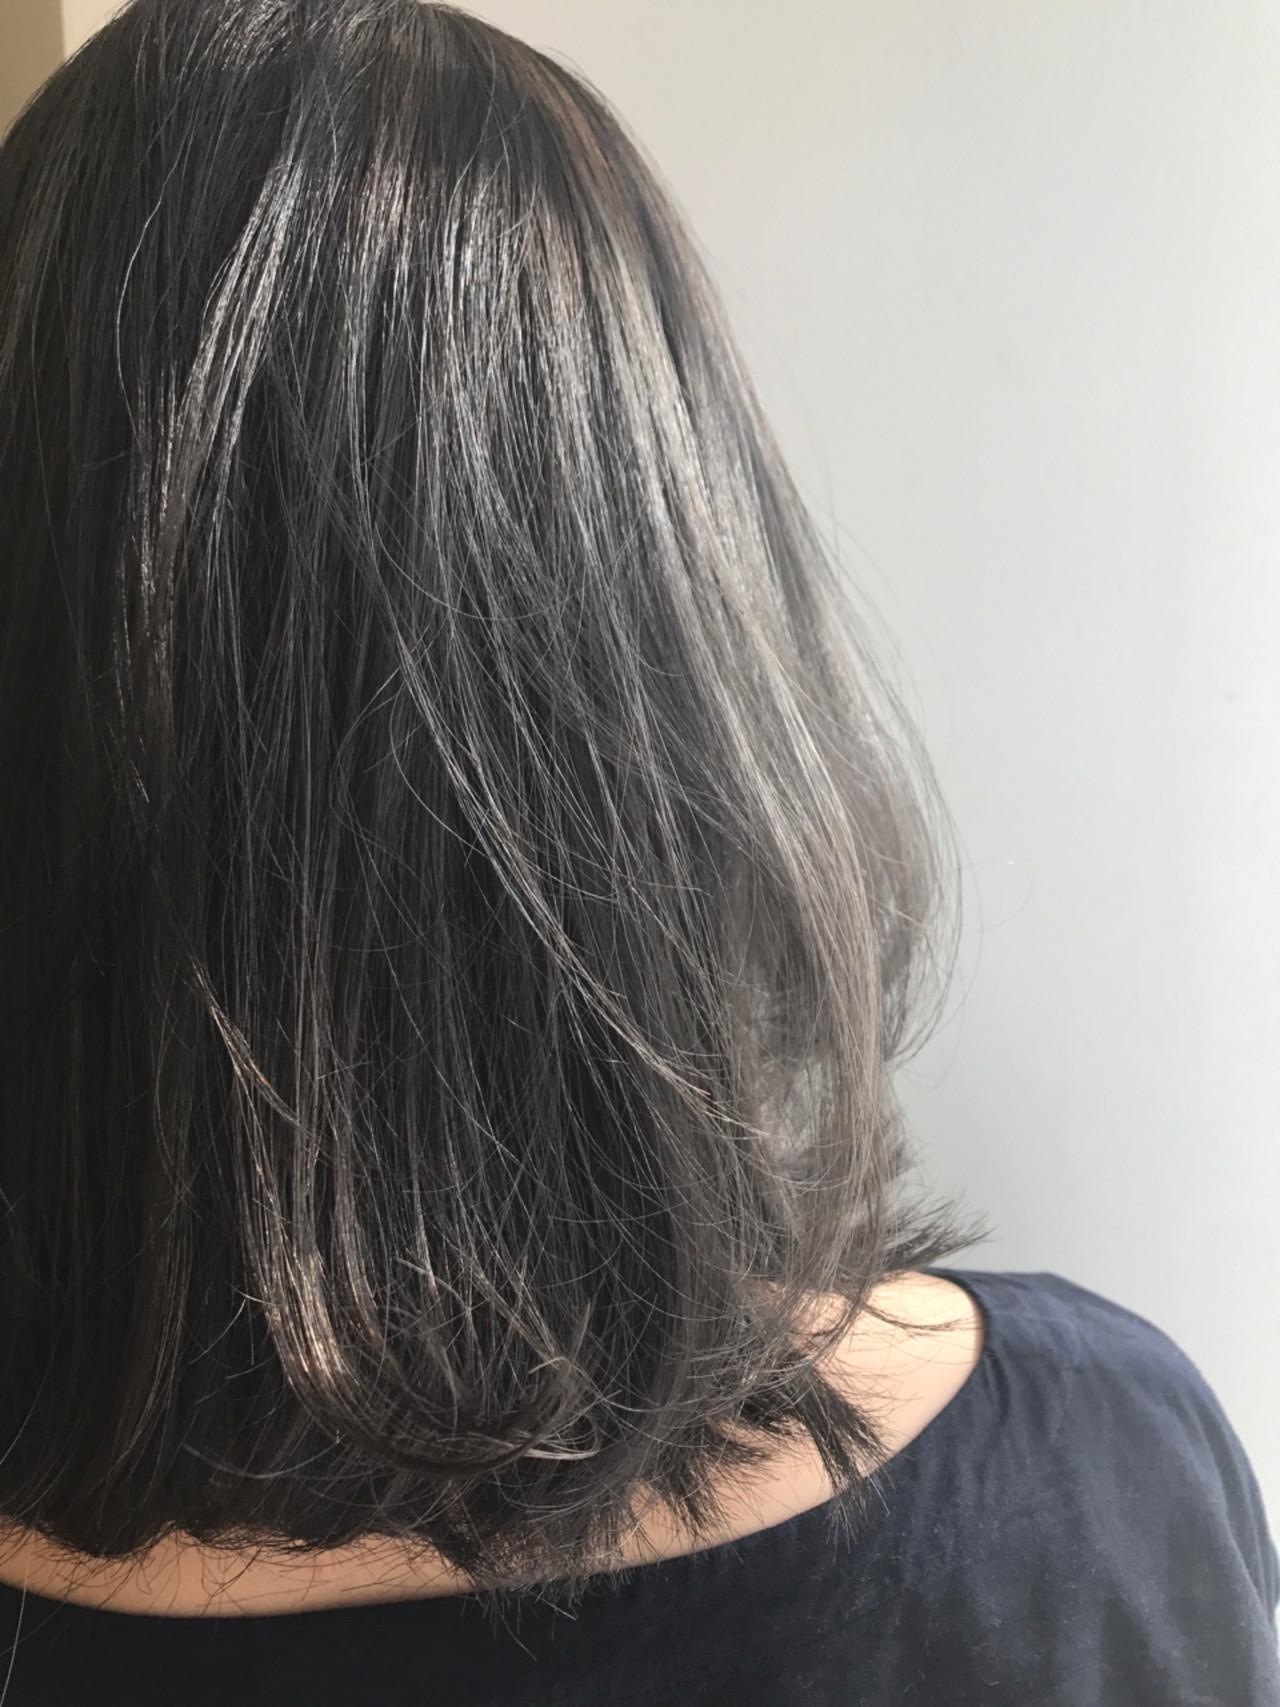 ストリート ダブルカラー 秋 透明感 ヘアスタイルや髪型の写真・画像 | 小走 祥菜 / tricca daikanyama